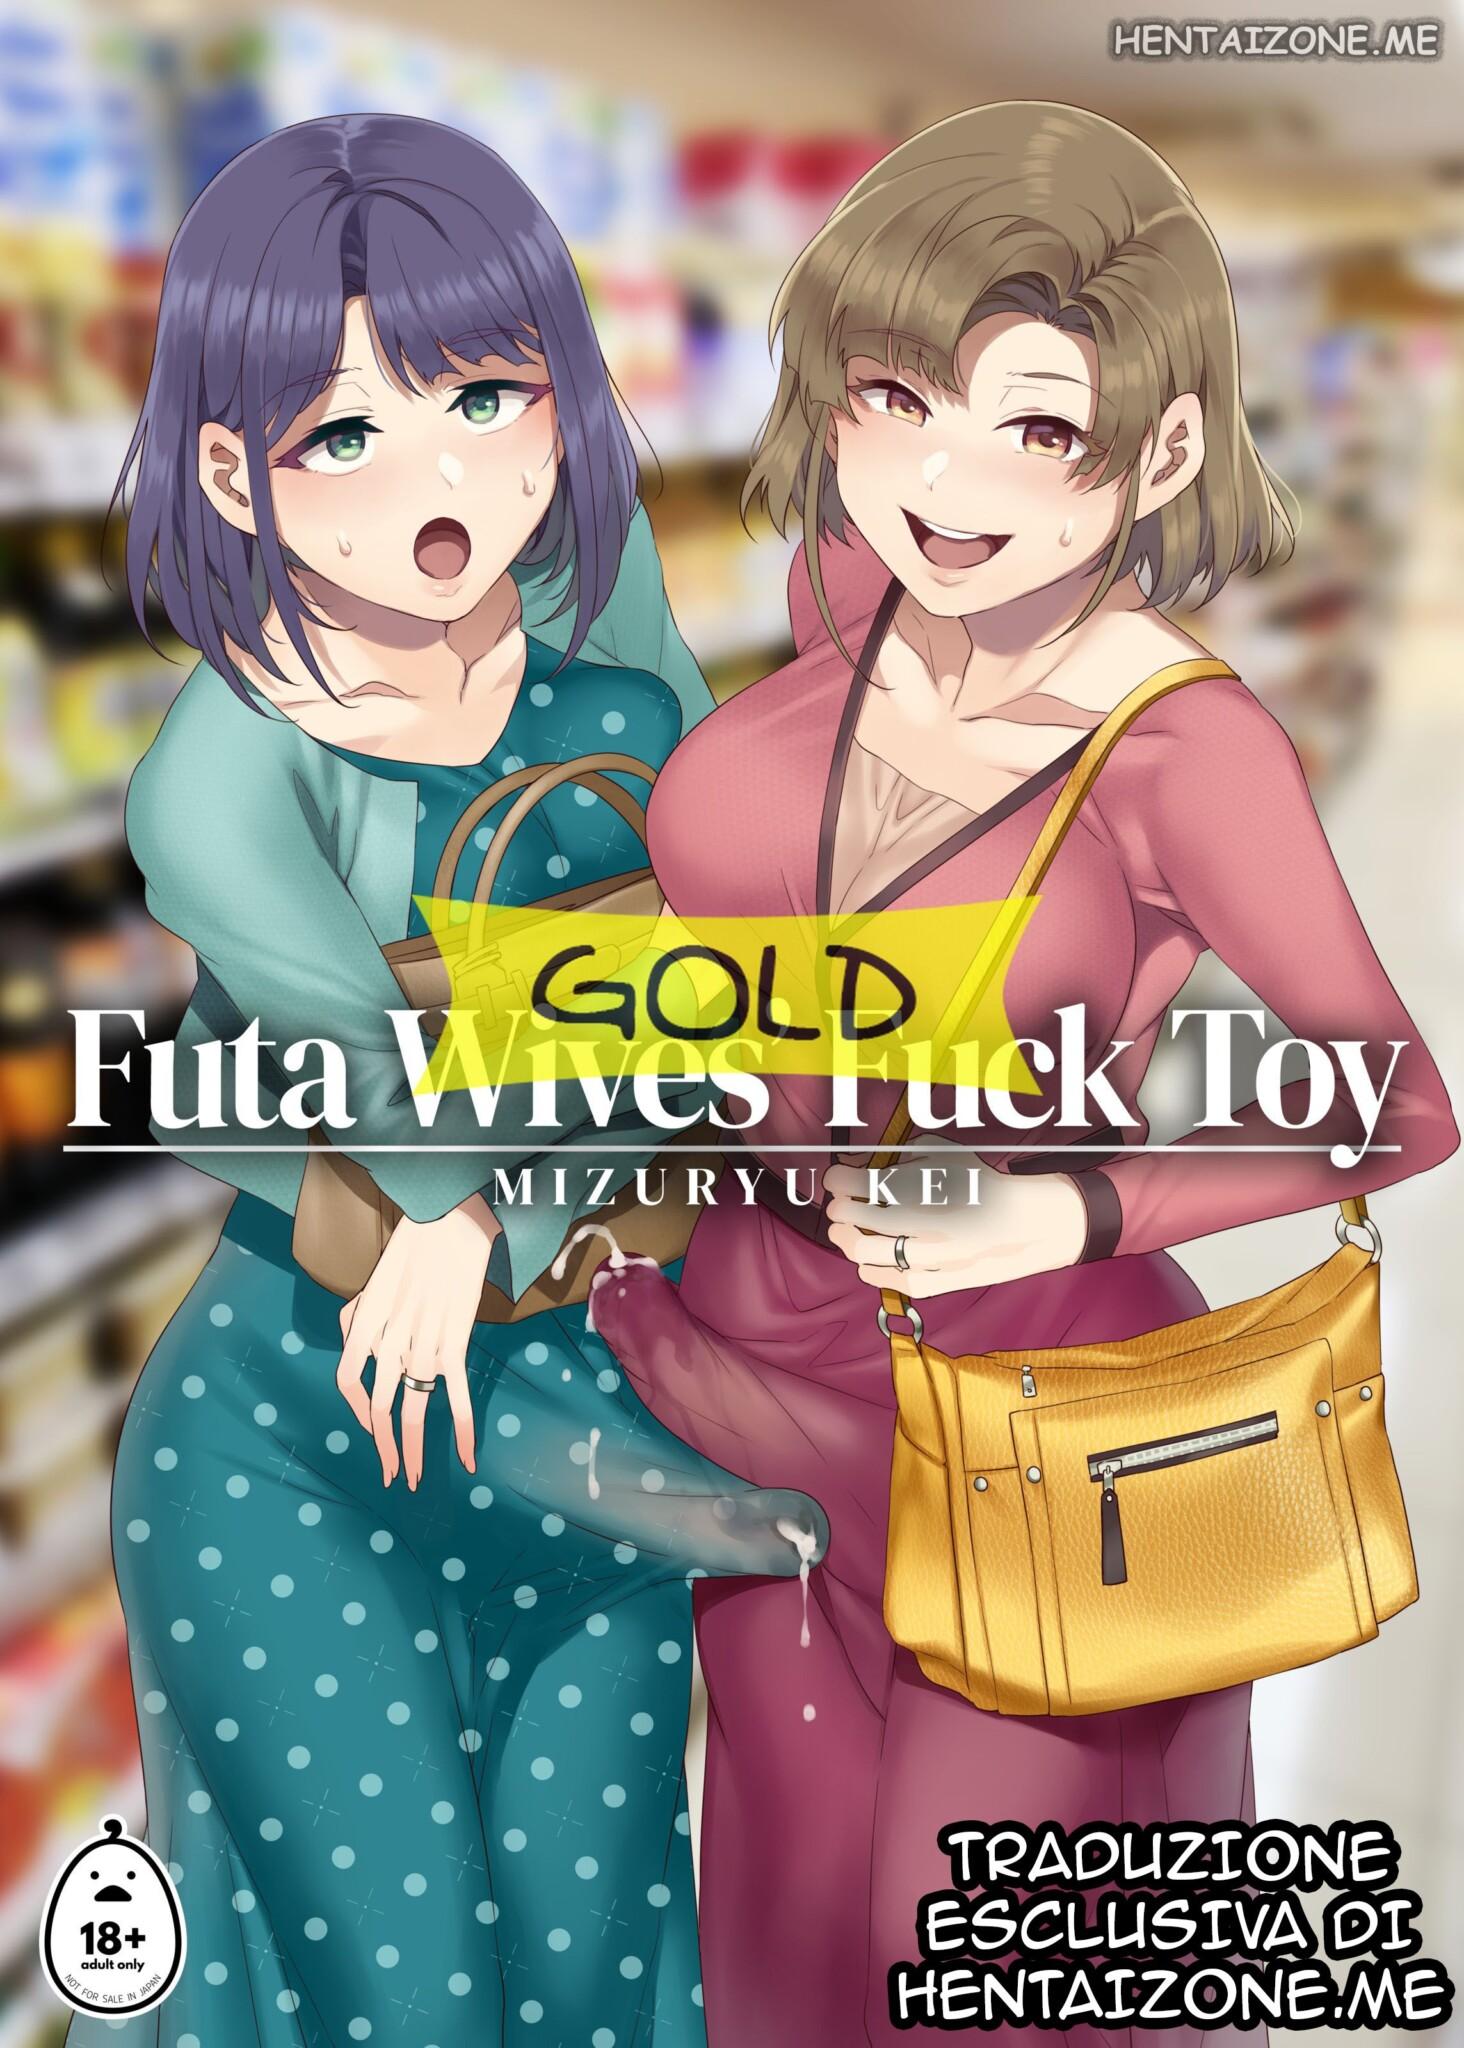 Giocattolo sessuale delle mogli futa